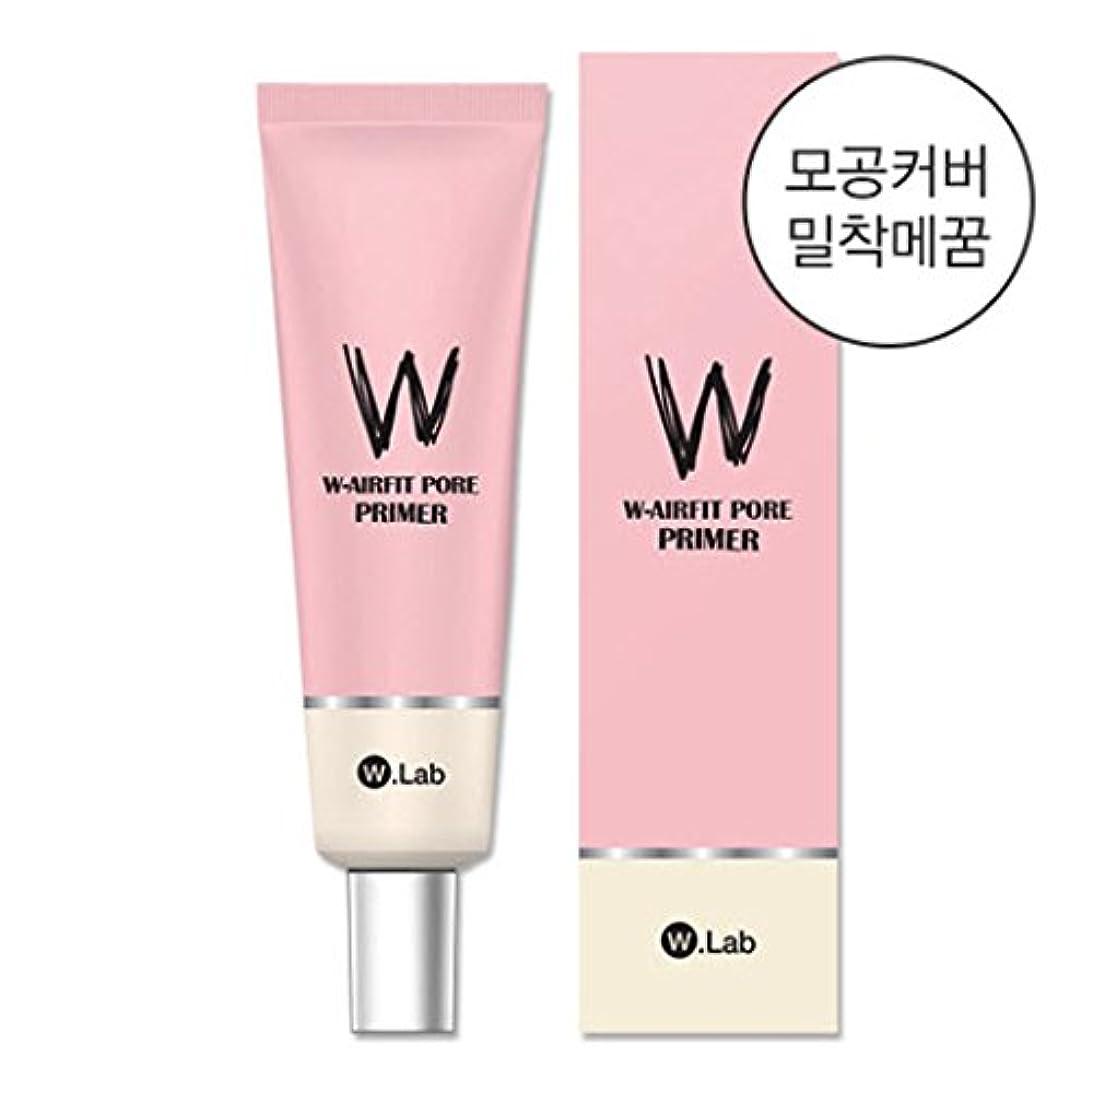 クレーンピルファー予測W.Lab W-Airfit Pore Primer 35g [parallel import goods]